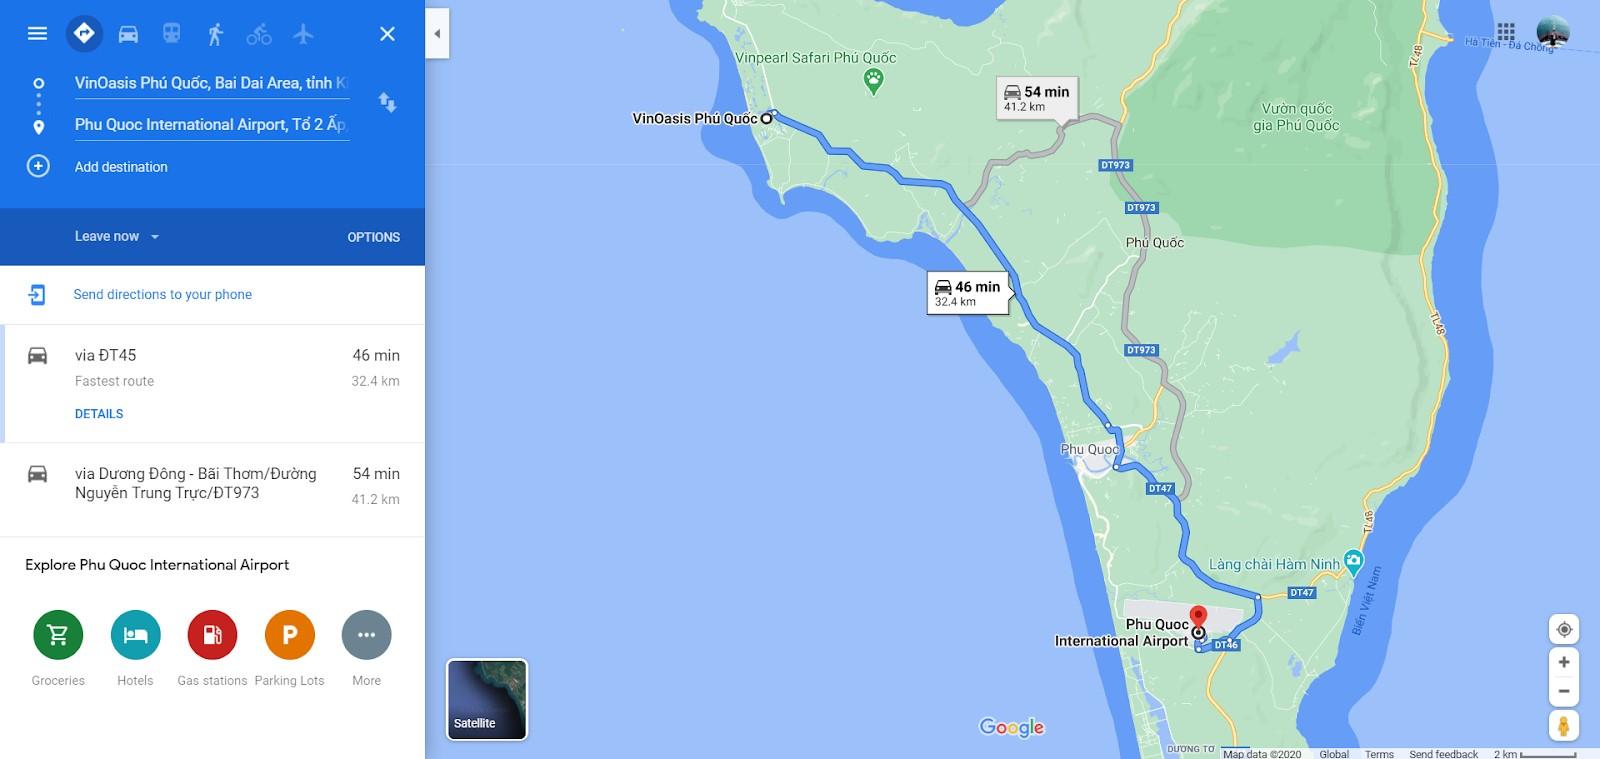 Đường di chuyển từ sân bay Phú Quốc đến VinOasis Phú Quốc